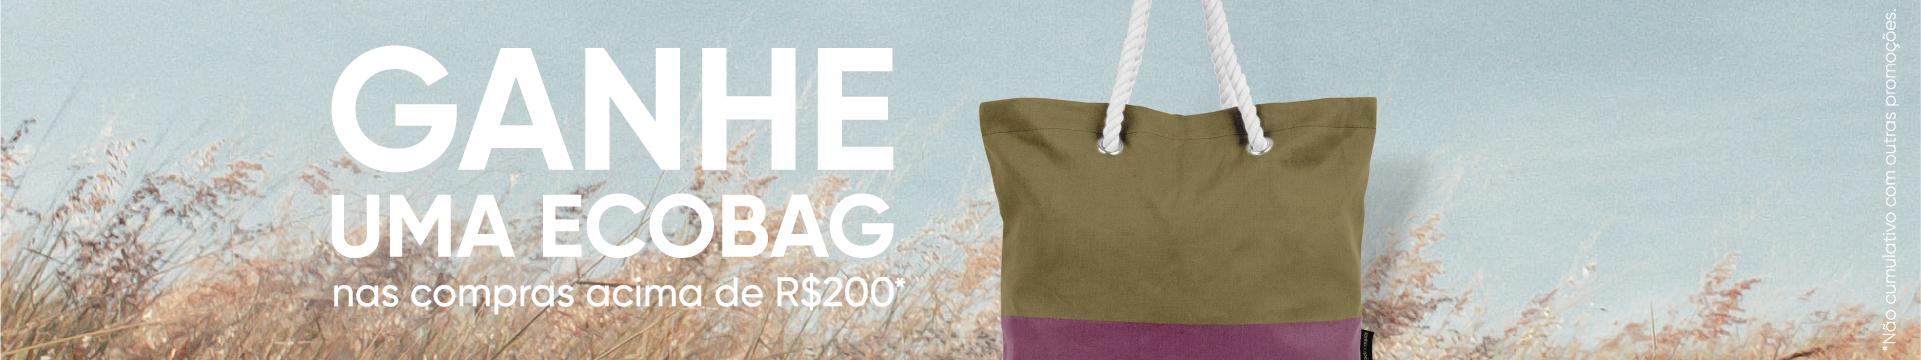 banner: ganhe uma ecobag